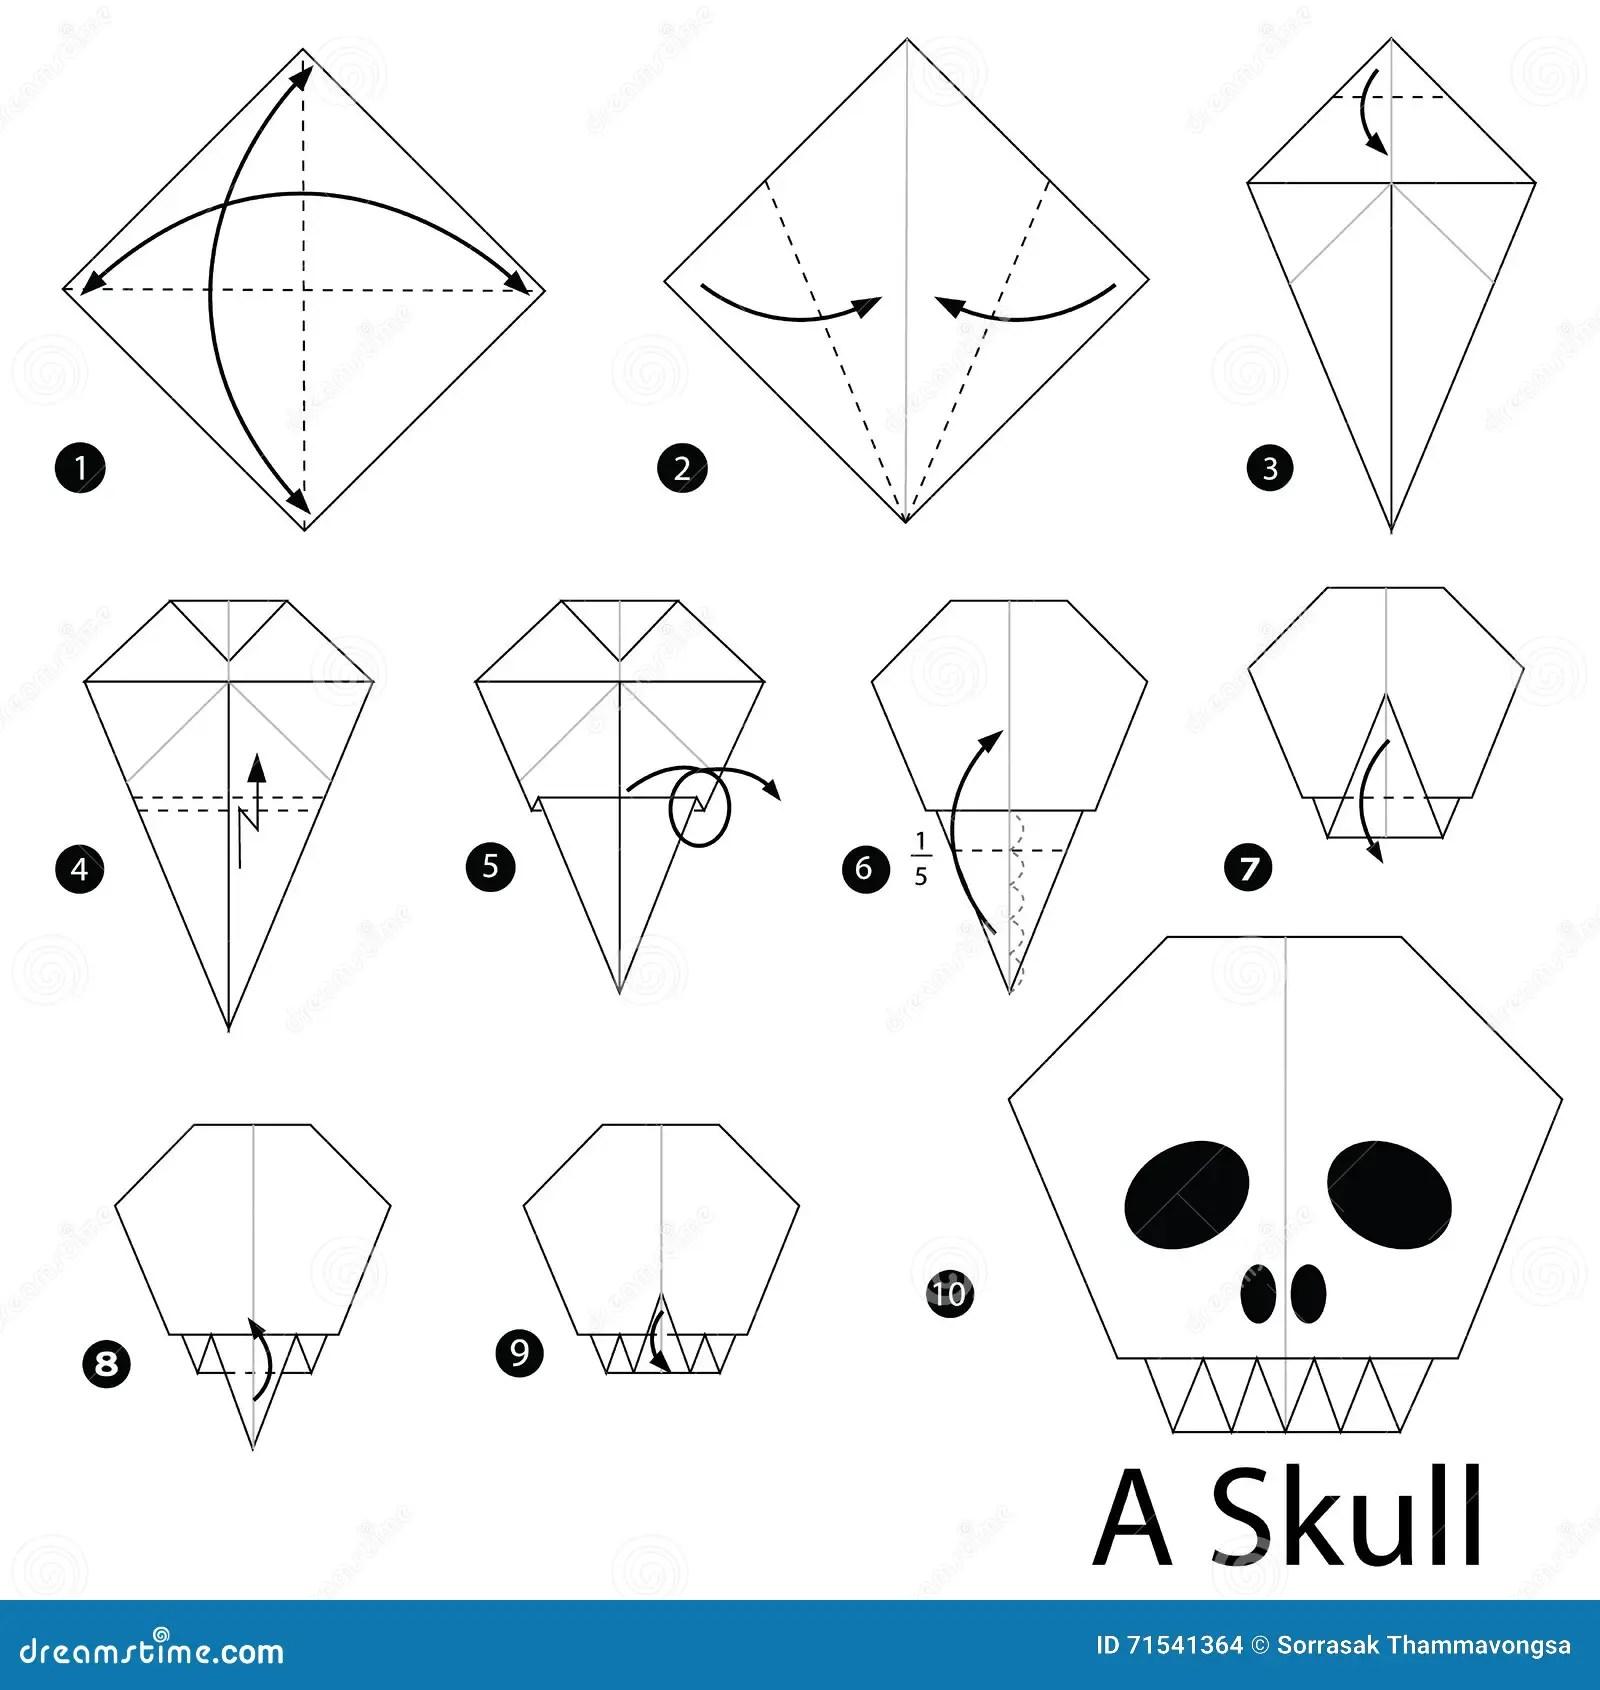 Origami Skull Instructions